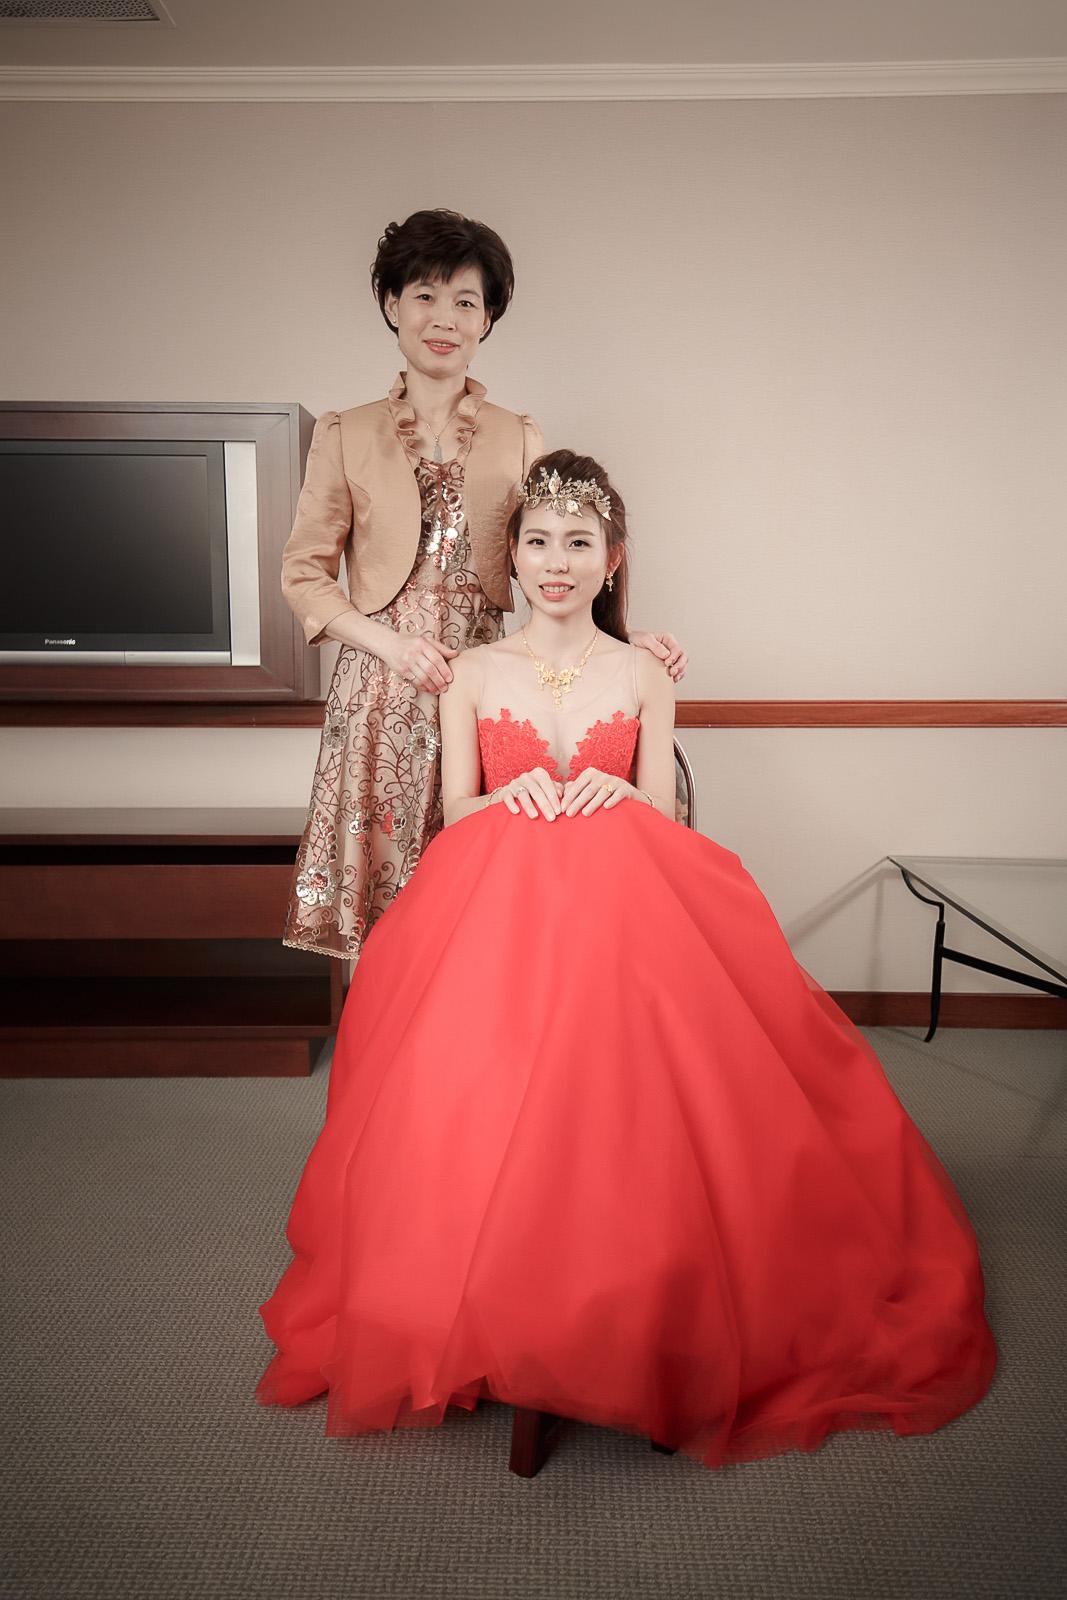 高雄圓山飯店,婚禮攝影,婚攝,高雄婚攝,優質婚攝推薦,Jen&Ethan-042